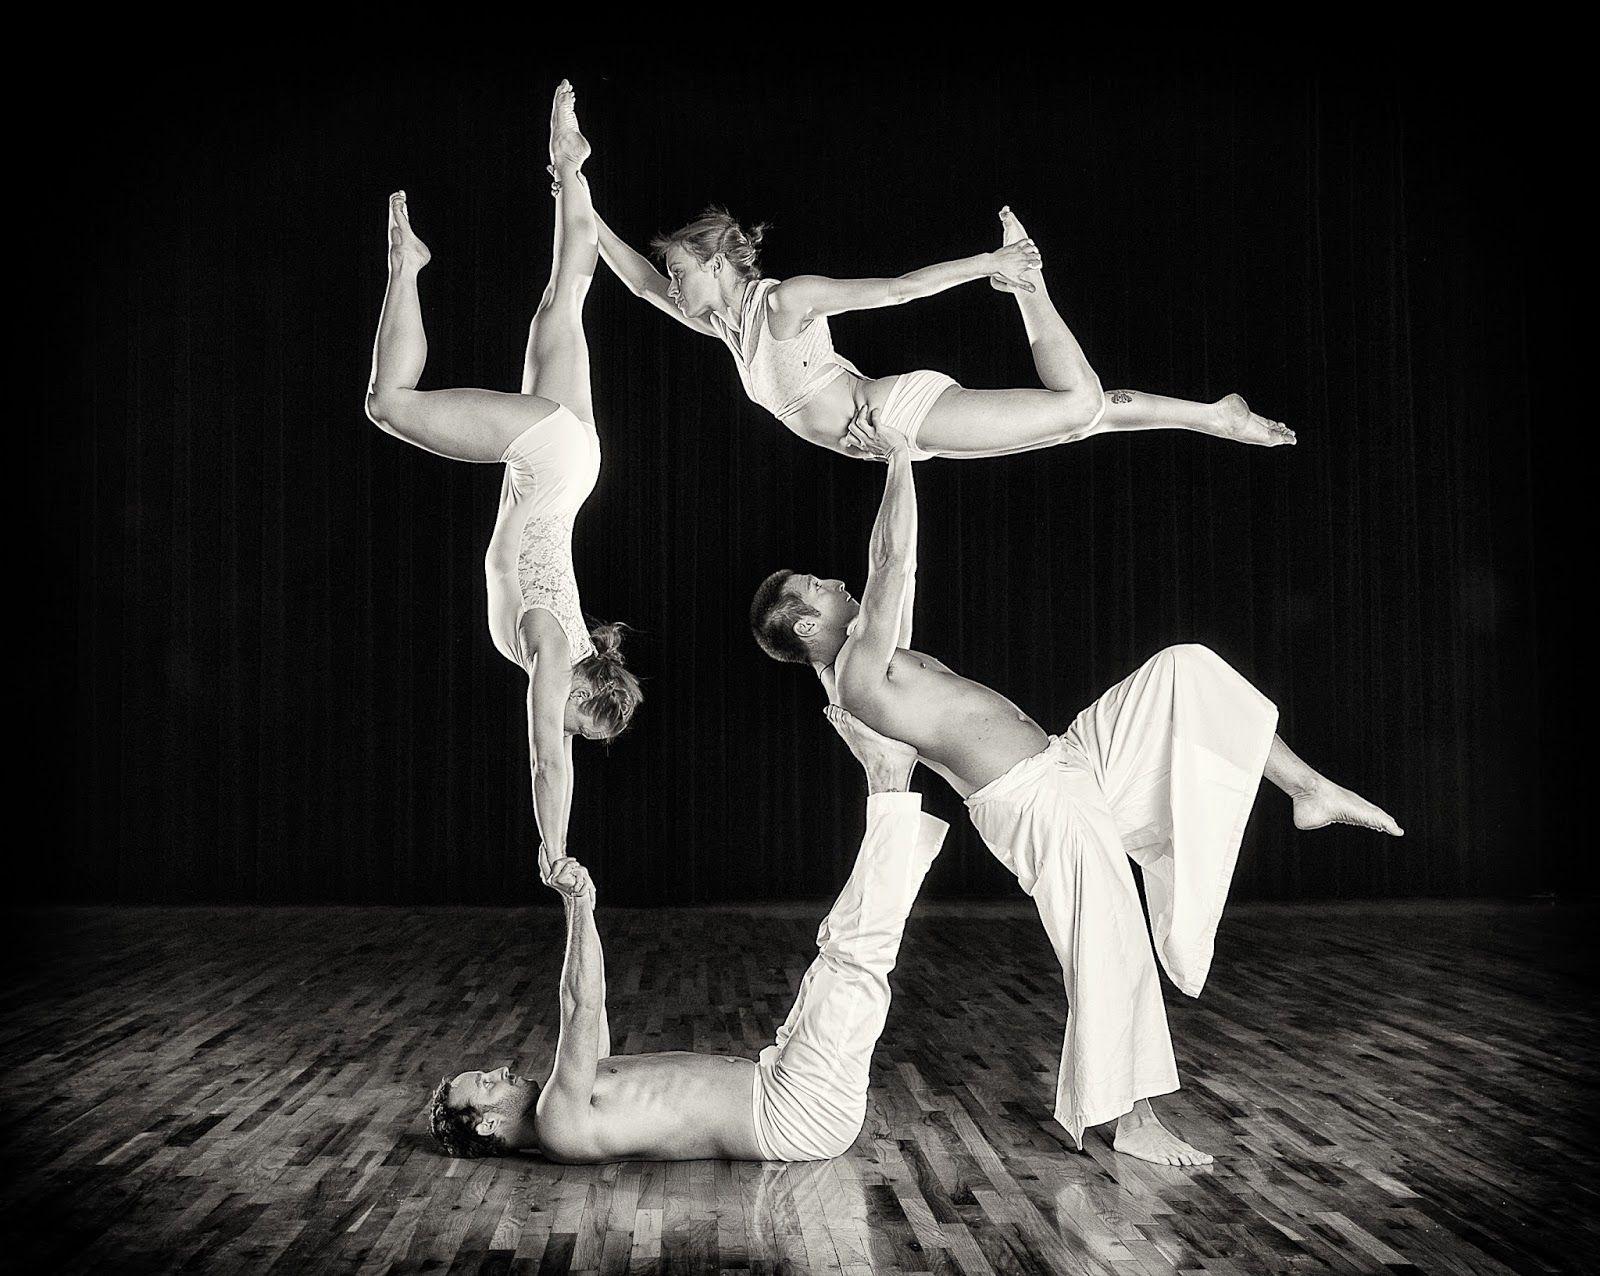 цирковые акробатические пары фото санаторий находится